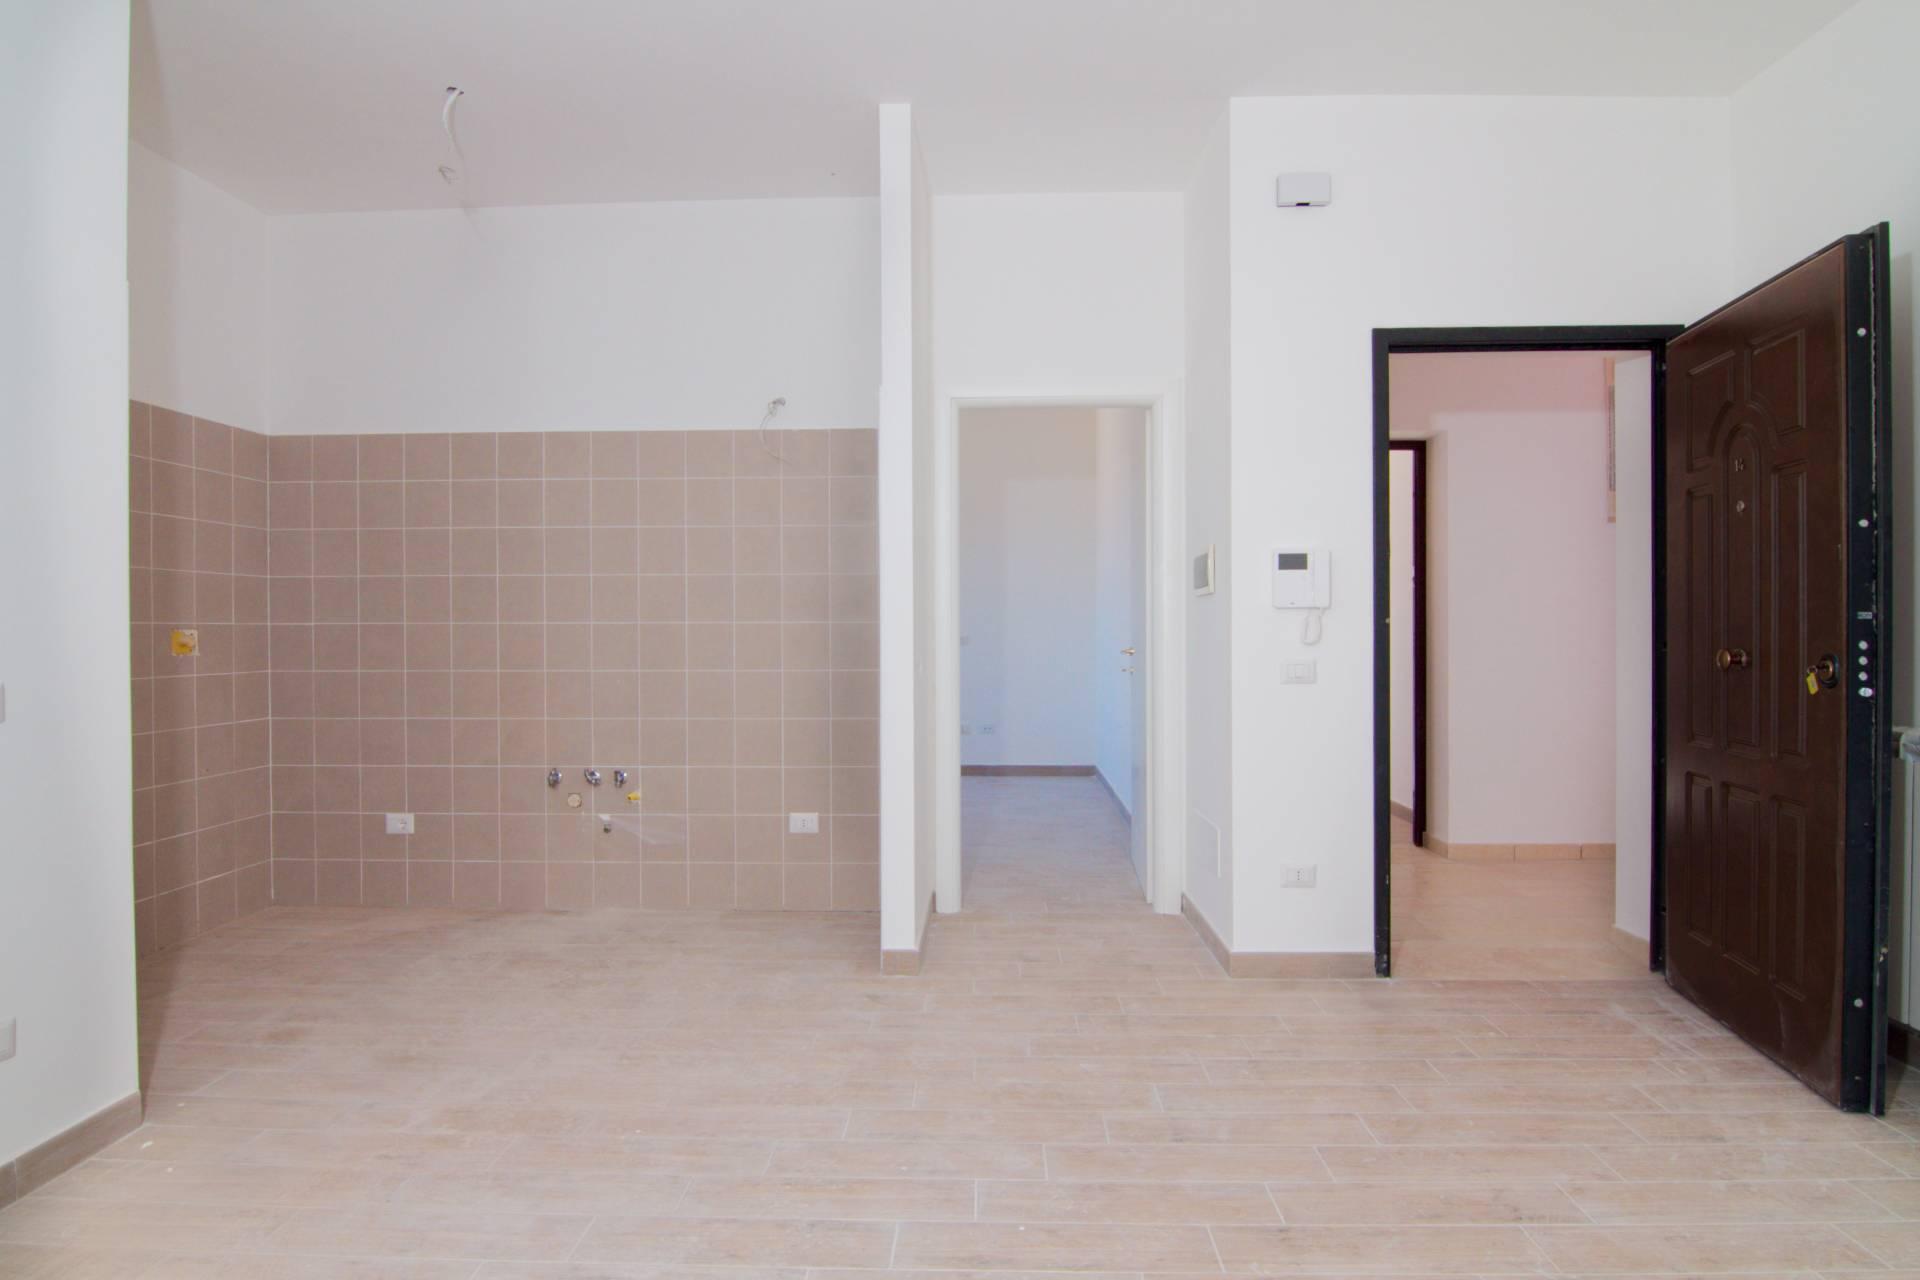 Appartamento in vendita a Colleferro, 3 locali, prezzo € 100.000 | CambioCasa.it